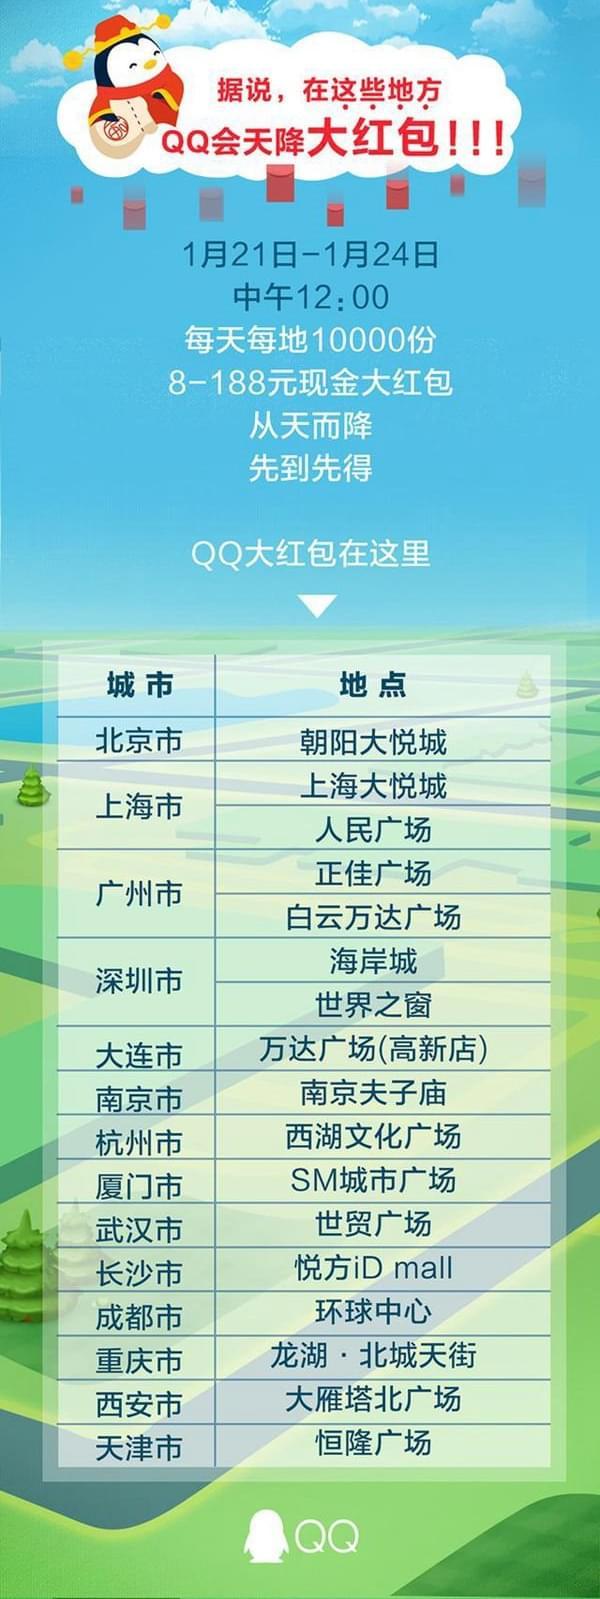 腾讯QQ天降红包首日:10小时1.27亿用户参与创新纪录的照片